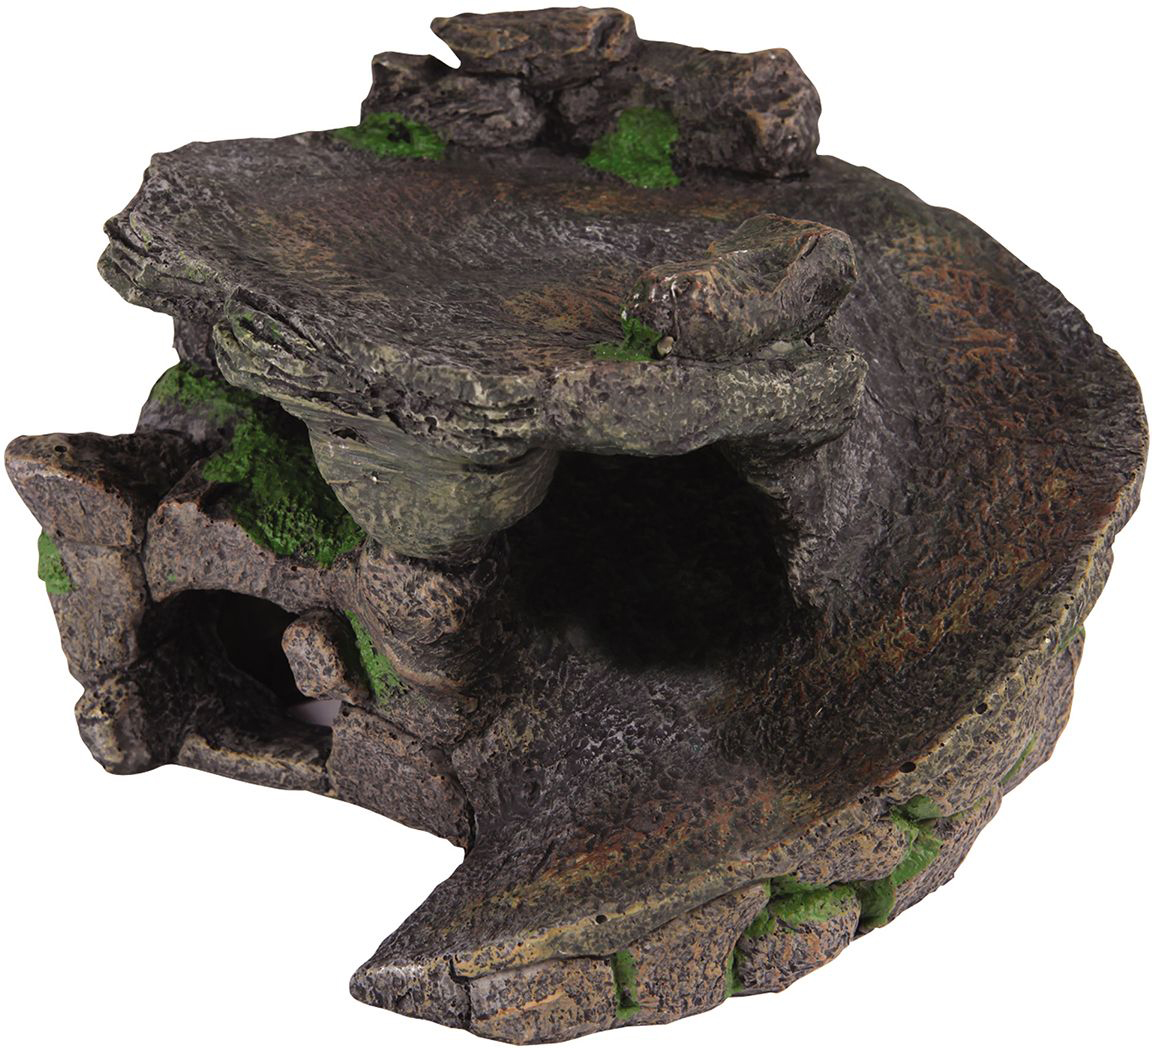 Декорация для аквариума Dezzie Убежище, для черепах, 23 х 22,5 х 14 см декорация для аквариума penn plax череп мамонта 11 4 х 23 5 х 12 7 см